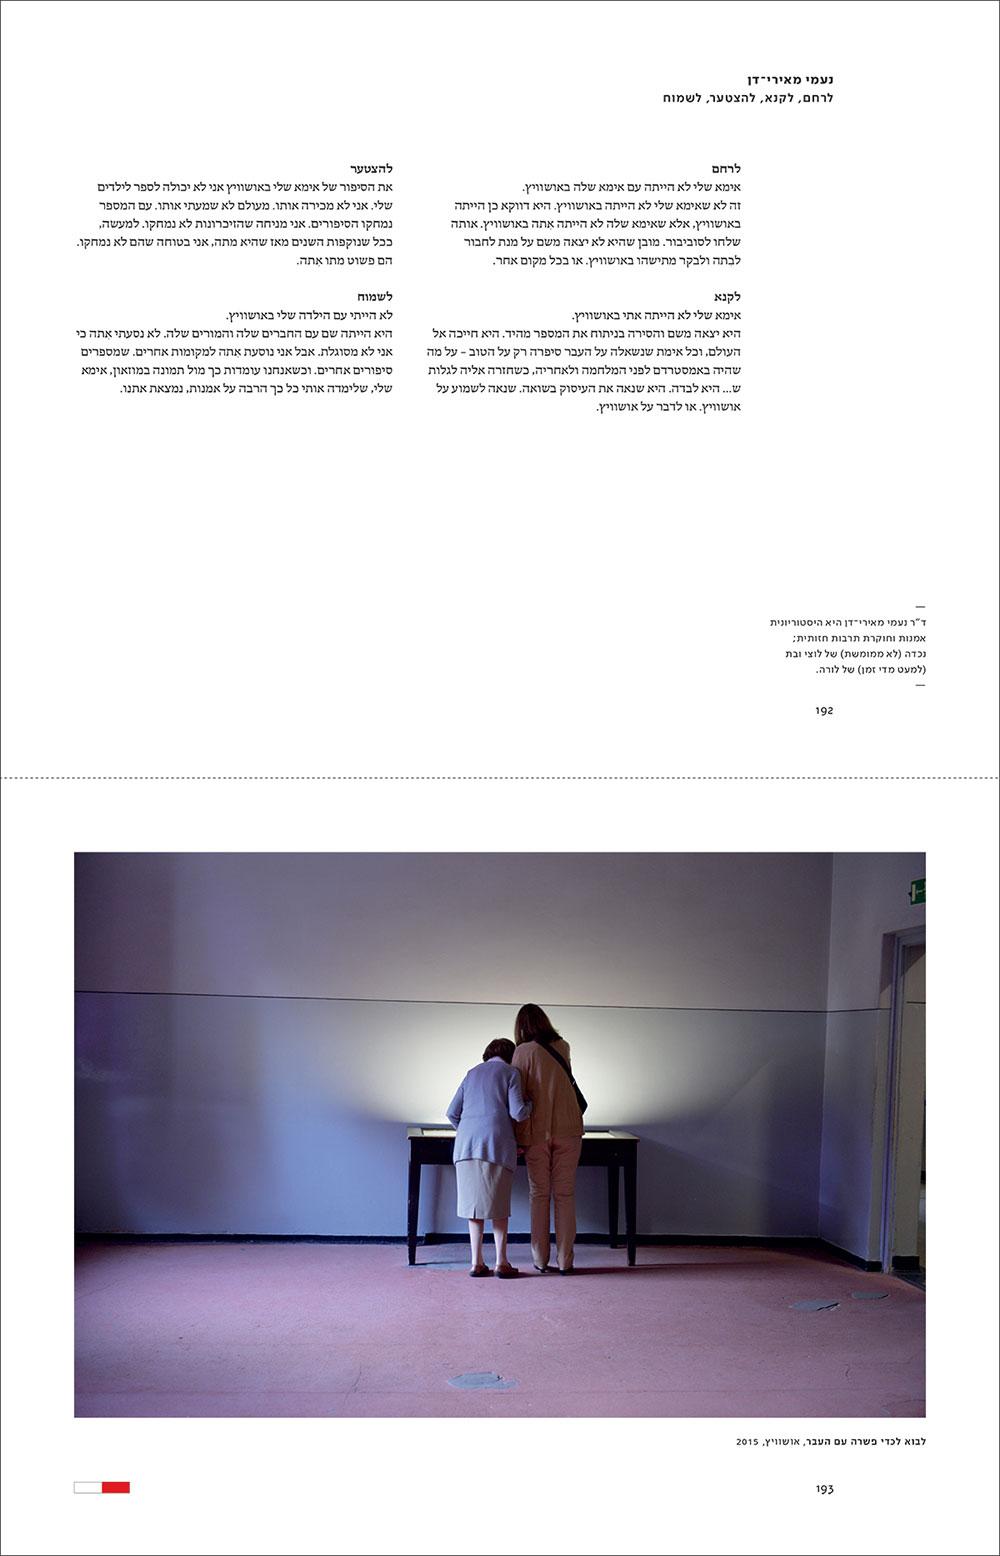 פנטומים, דנה אריאלי, עמודים 192-193